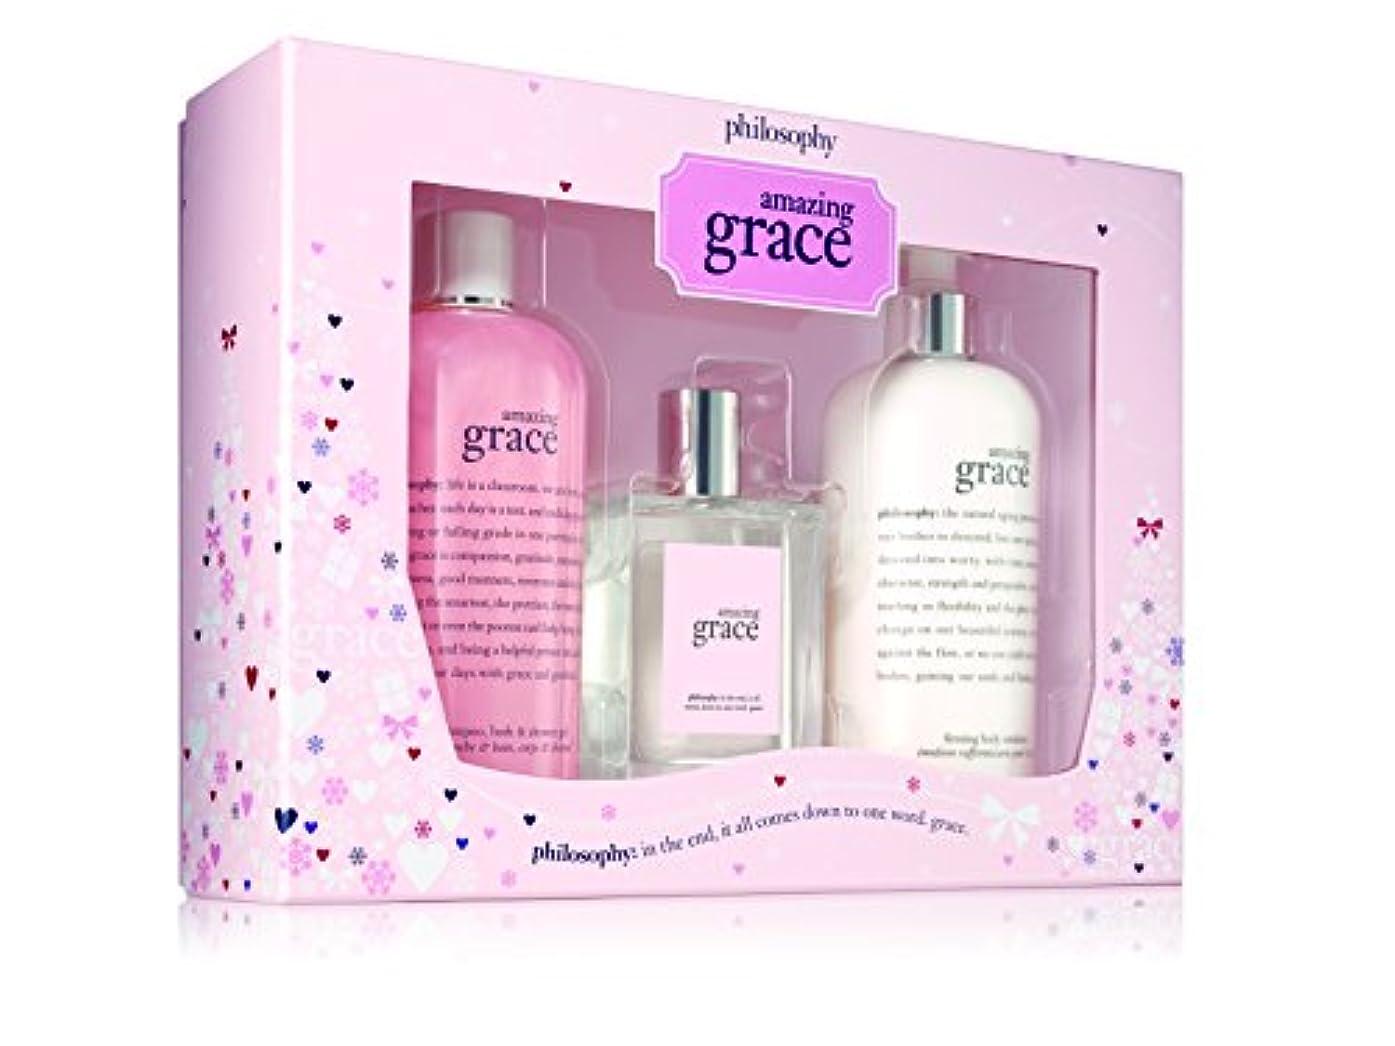 ハリケーン比較モートPhilosophy - Amazing Grace 3-Piece Jumbo Gift Set Holiday 2017